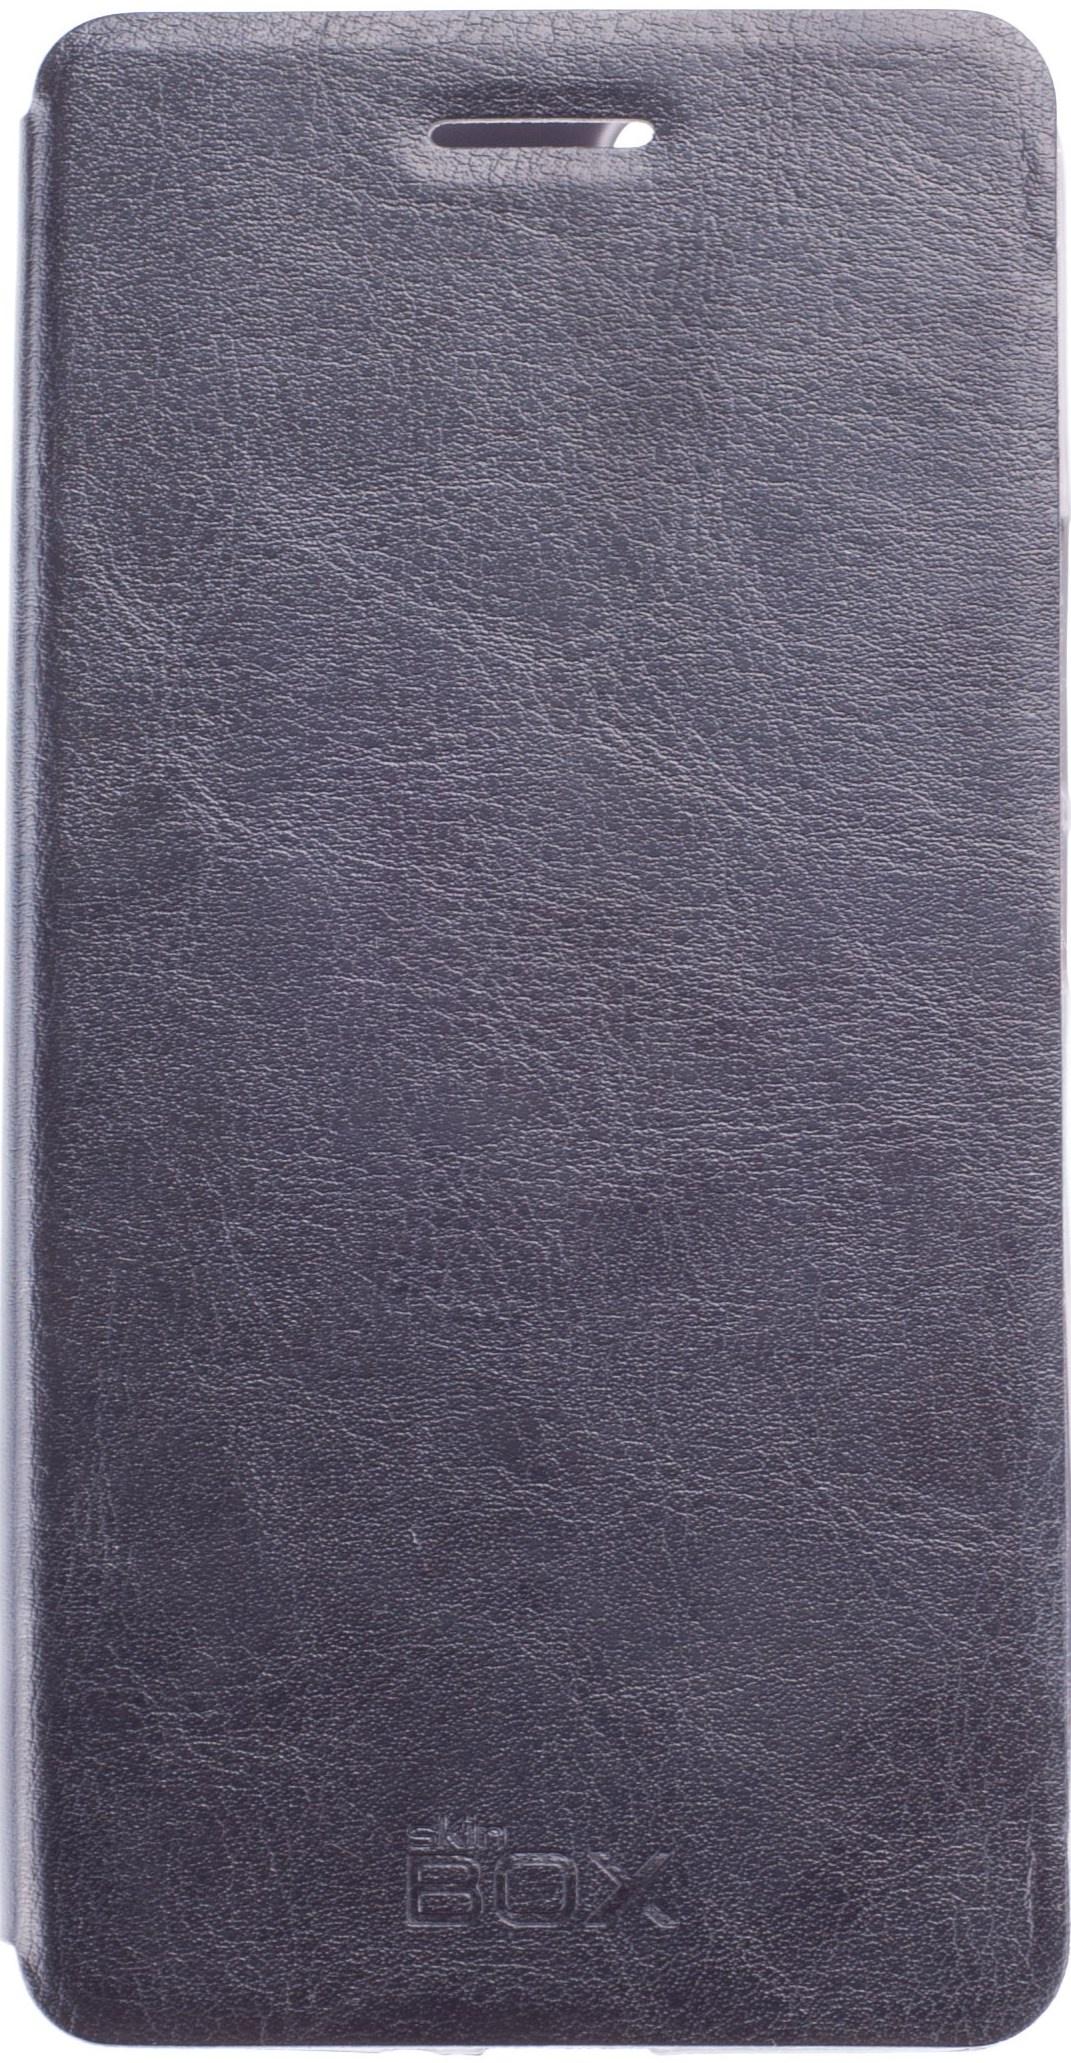 Чехол для сотового телефона skinBOX Lux, 4660041406863, черный